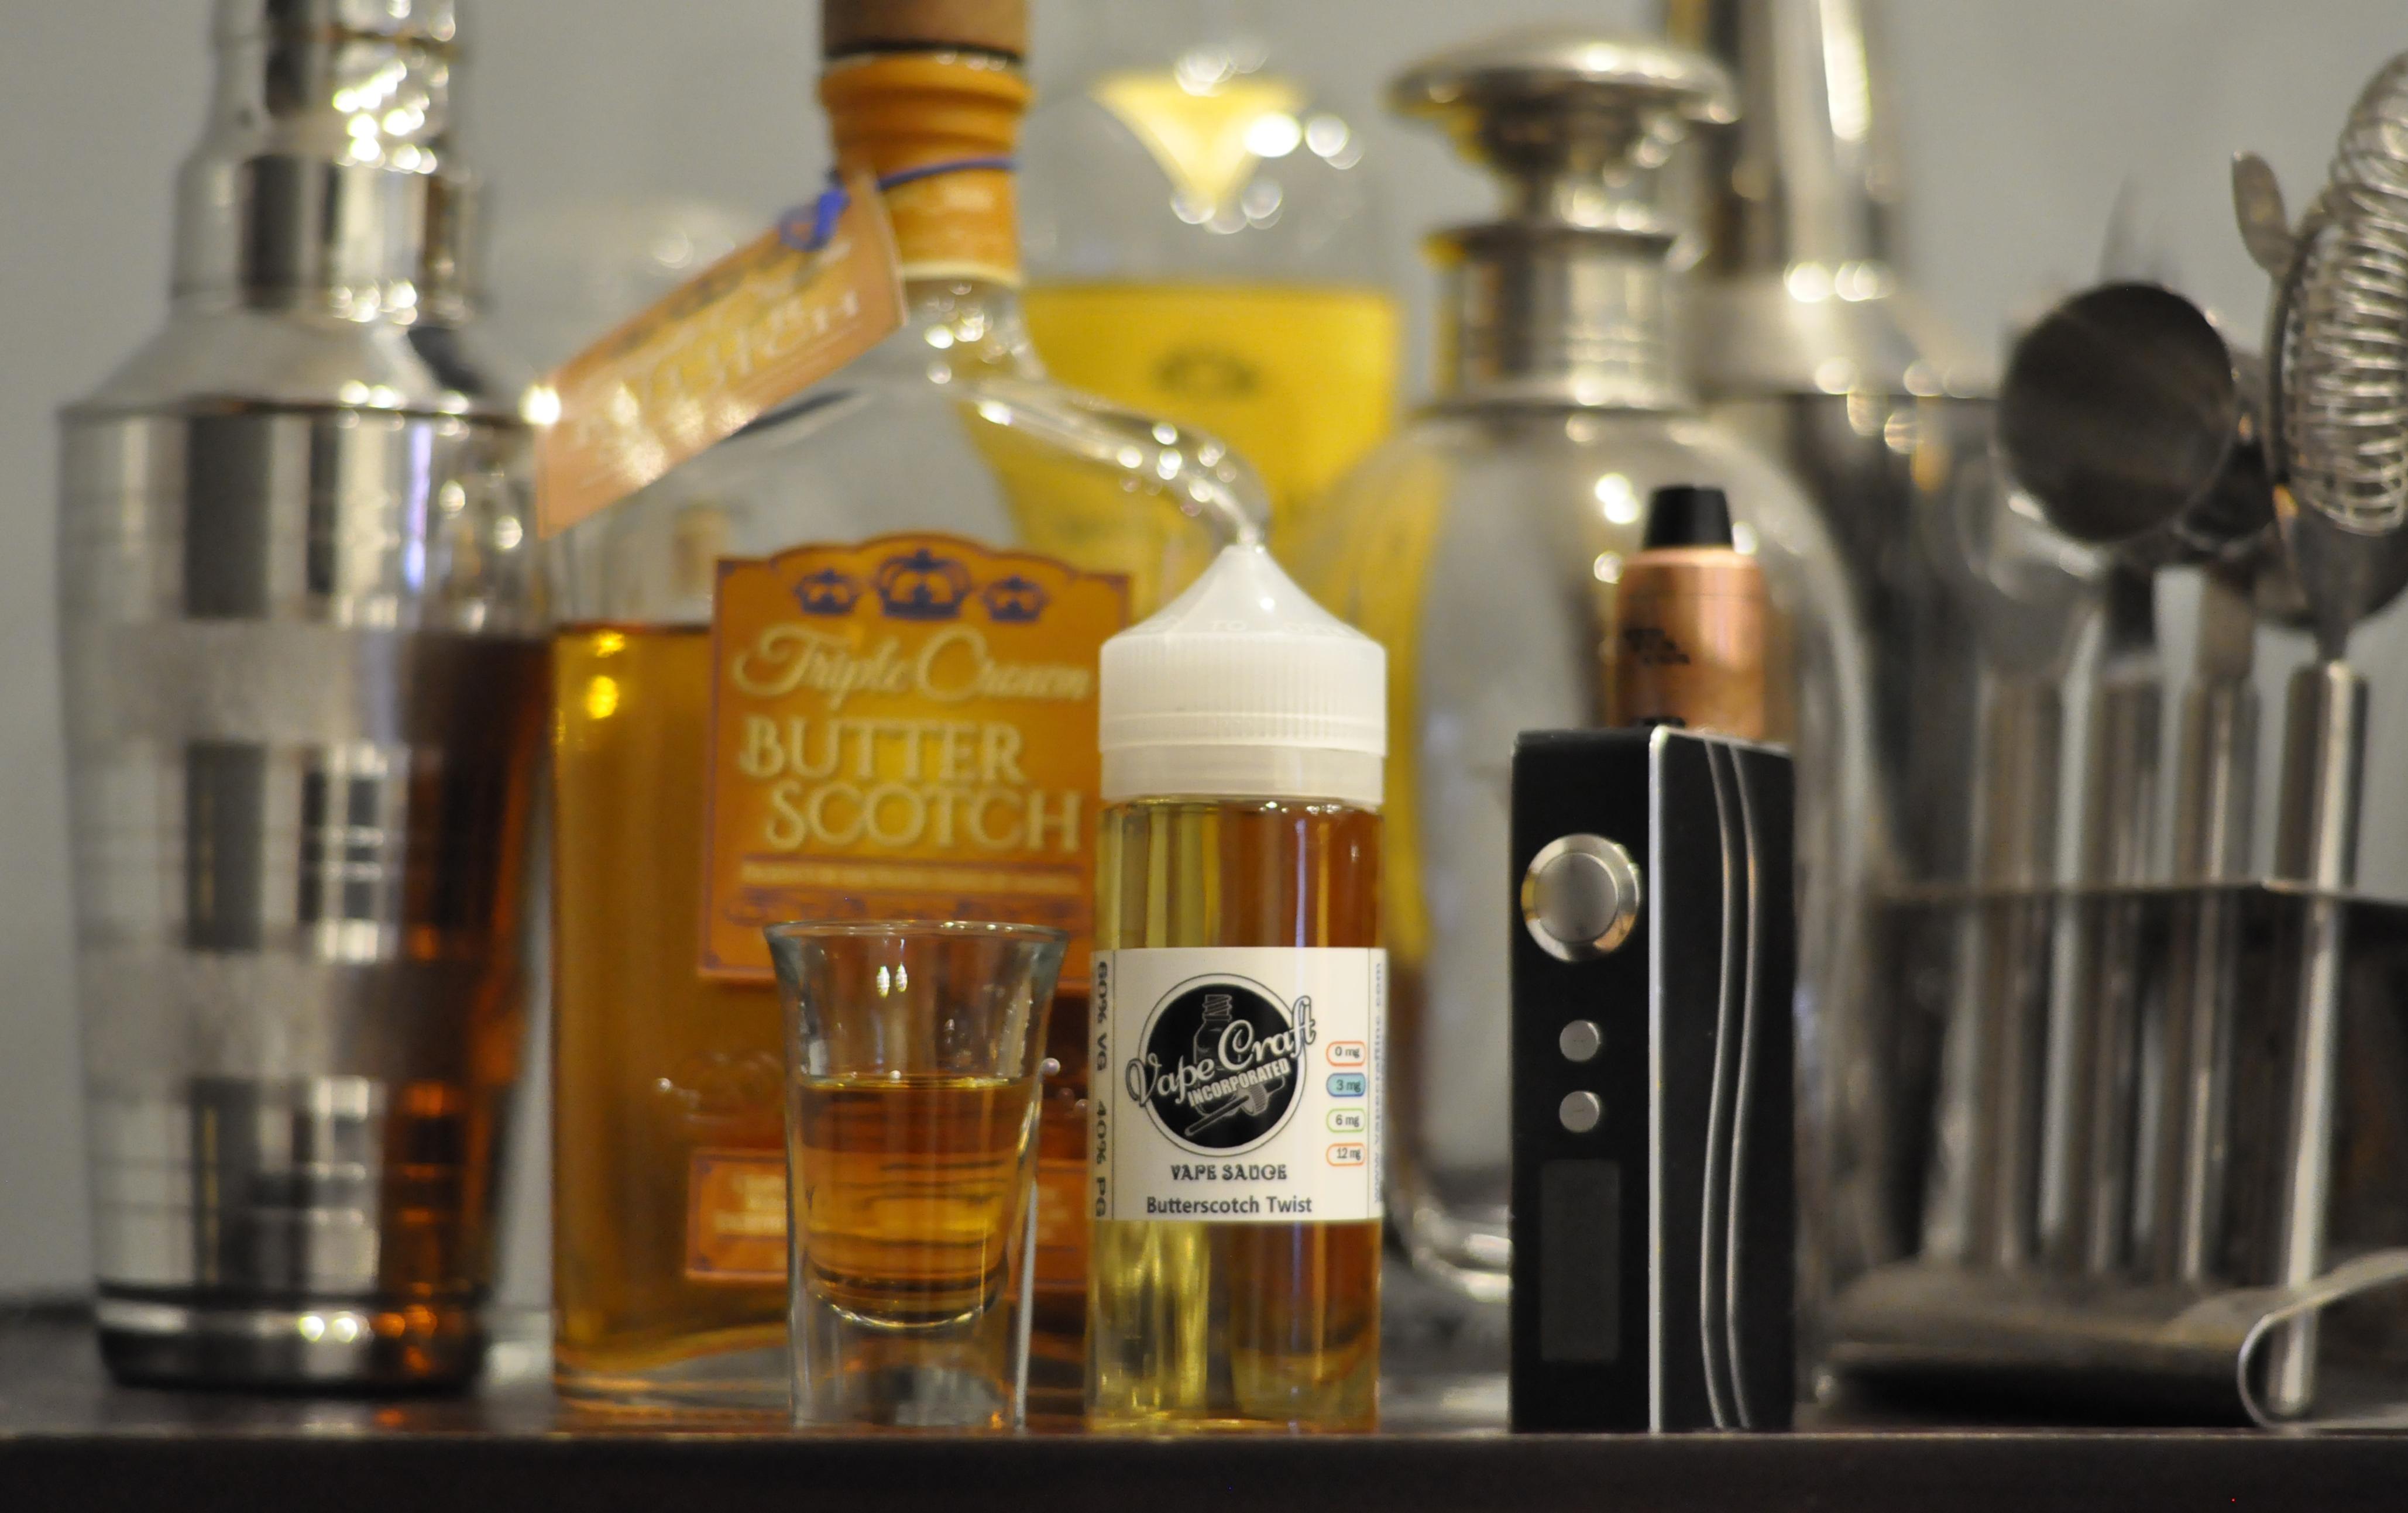 Review – Butterscotch Twist by Vape Craft Inc.